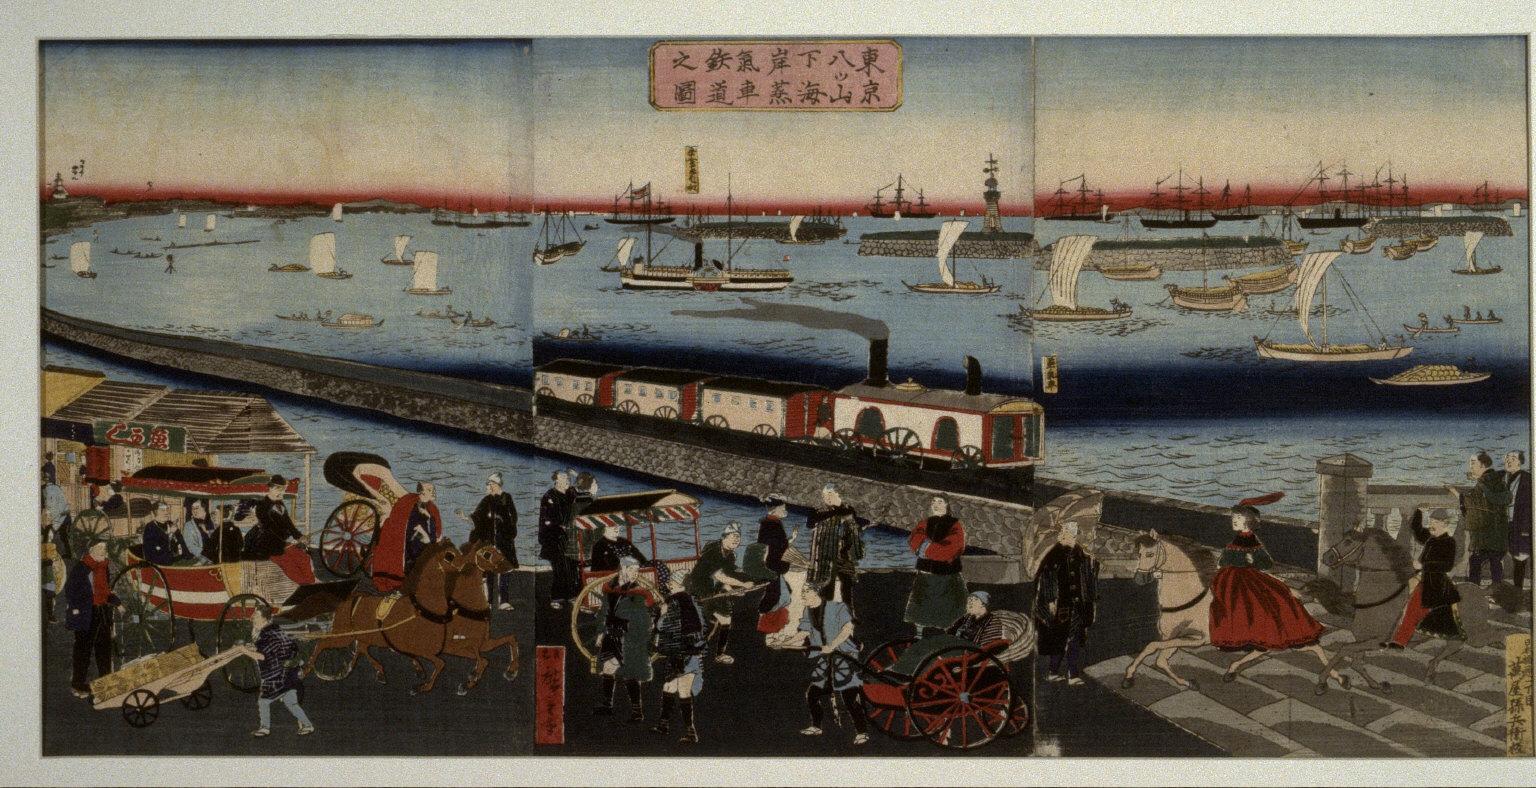 Steamd Train at Yatsunoyama in Tokyo